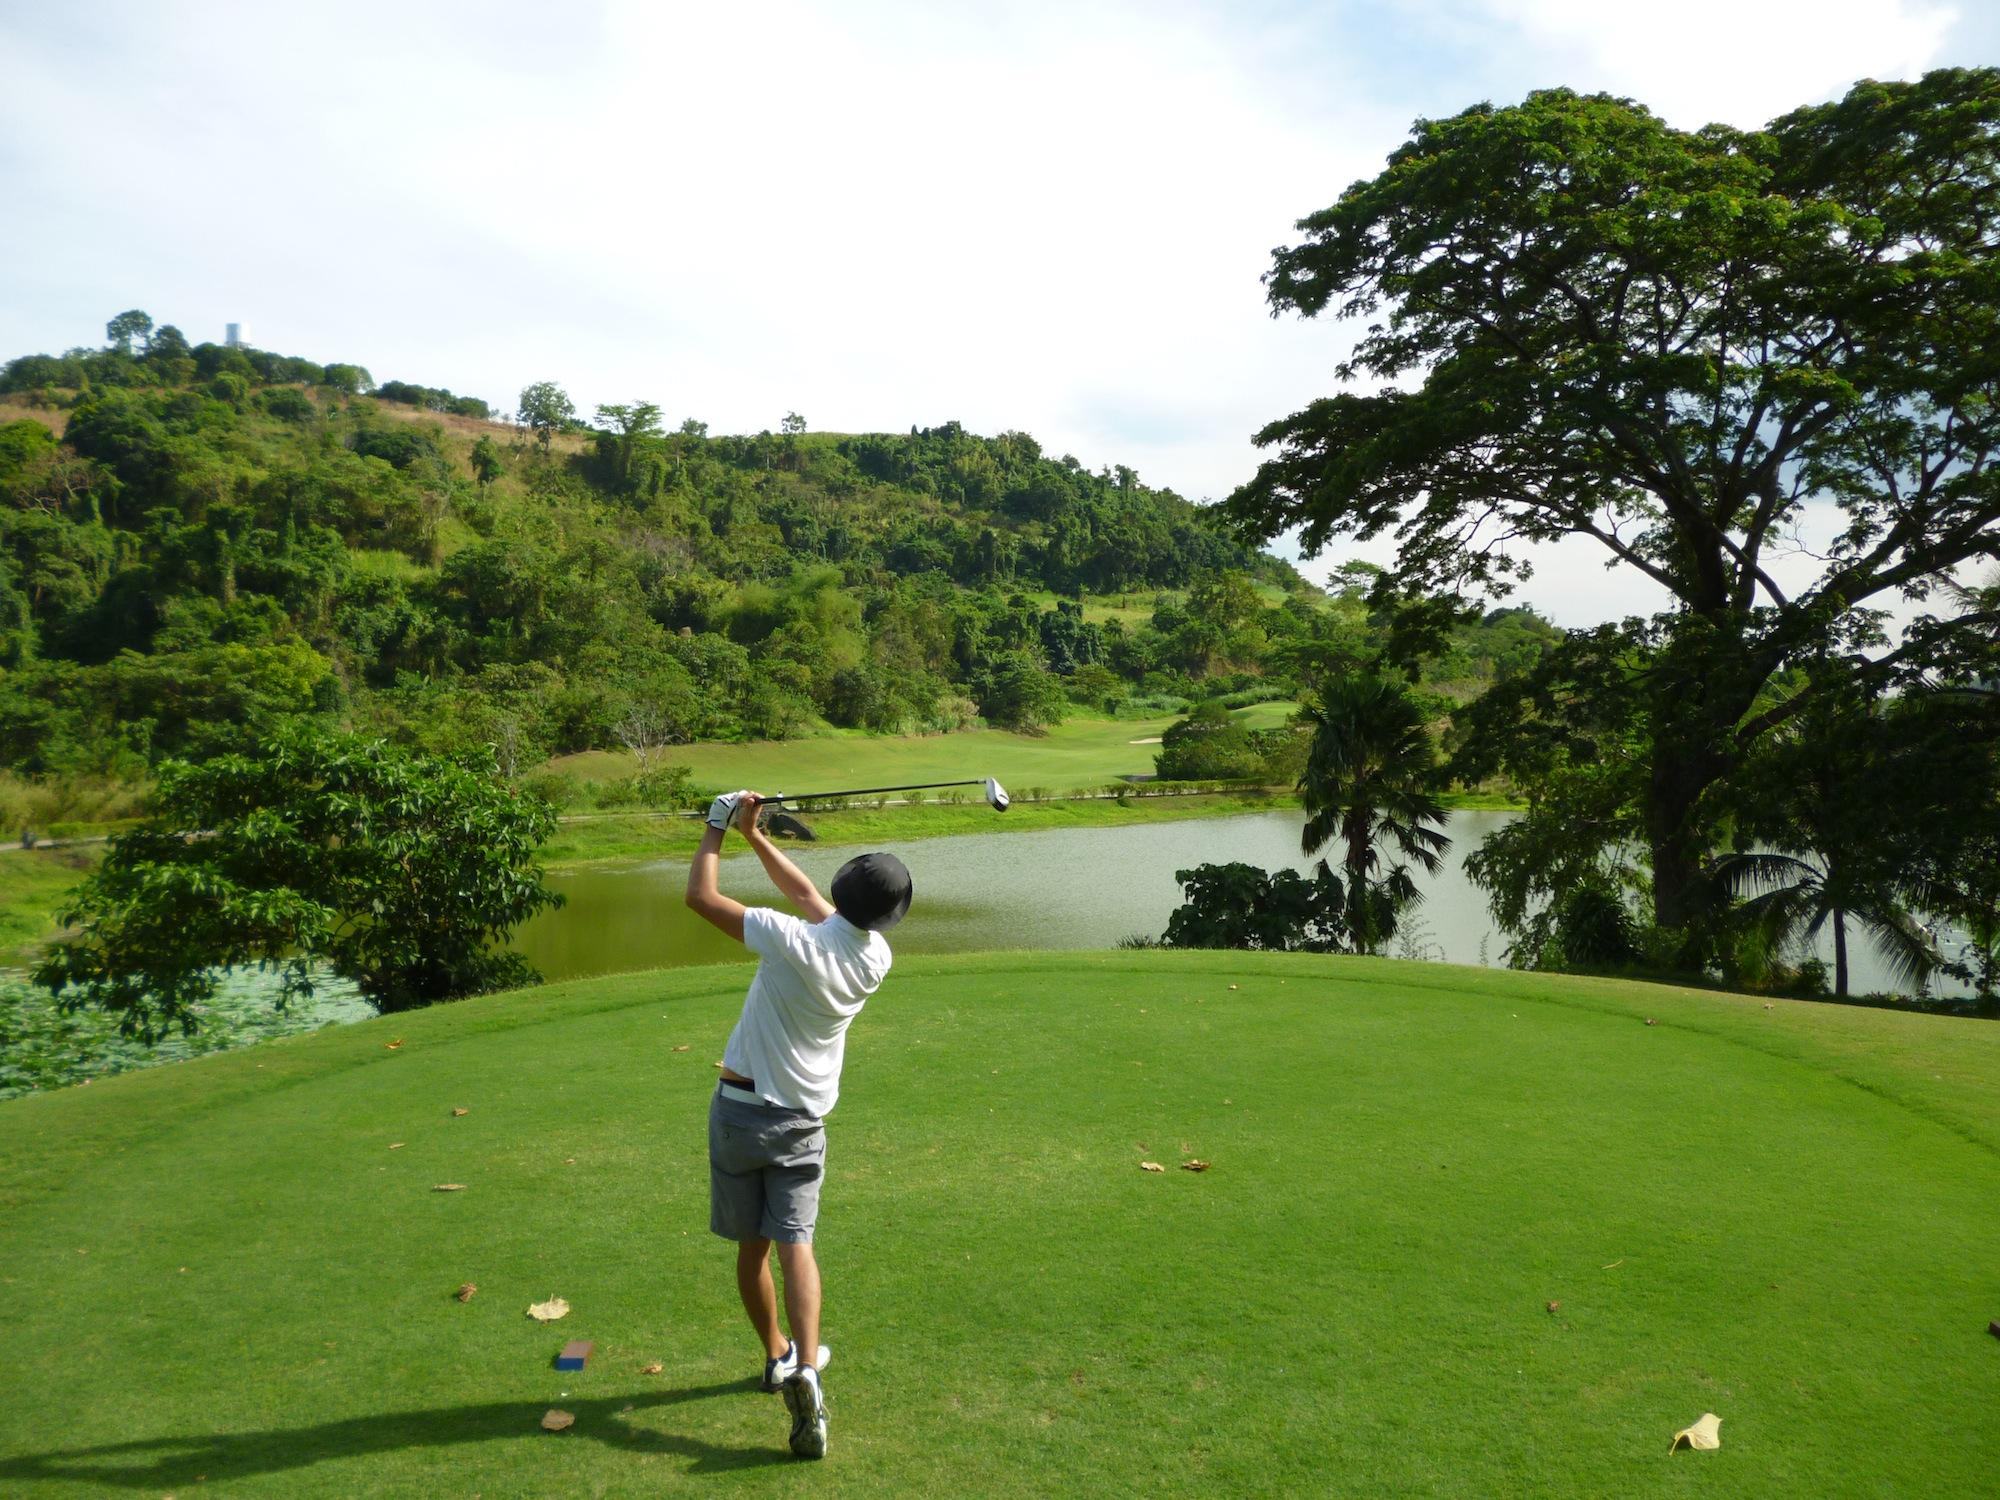 tiêu chuẩn sân golf 18 lỗ tại khu vực tee